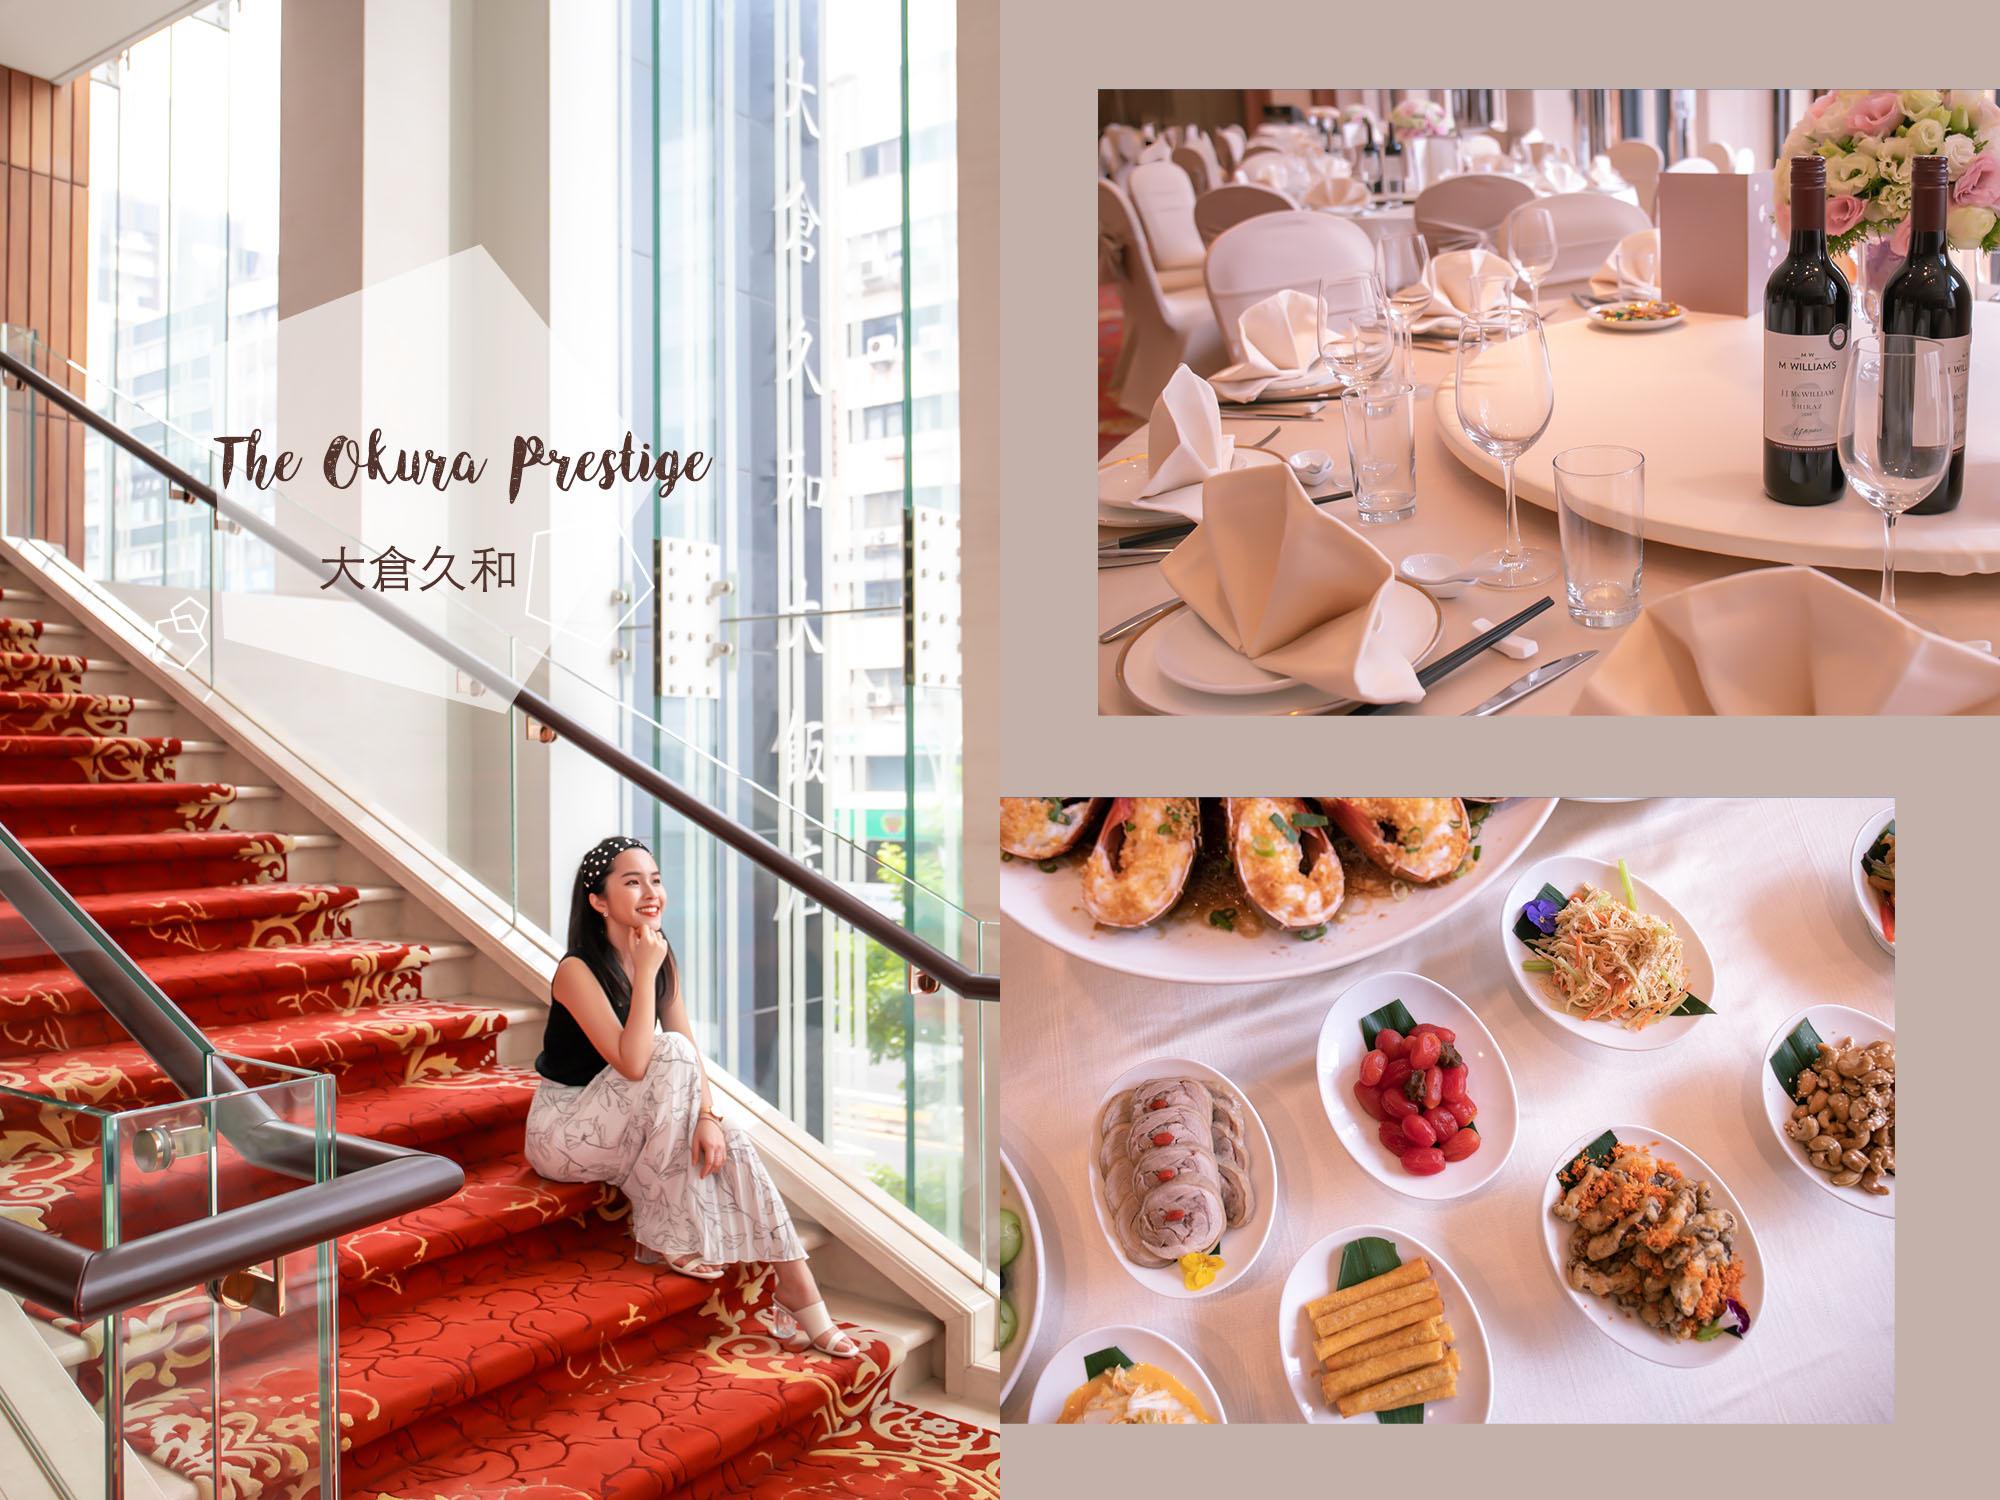 大倉久和婚宴|榮獲米其林餐盤推薦的精緻粵式料理,自然採光與落地窗打造完美喜宴場地!